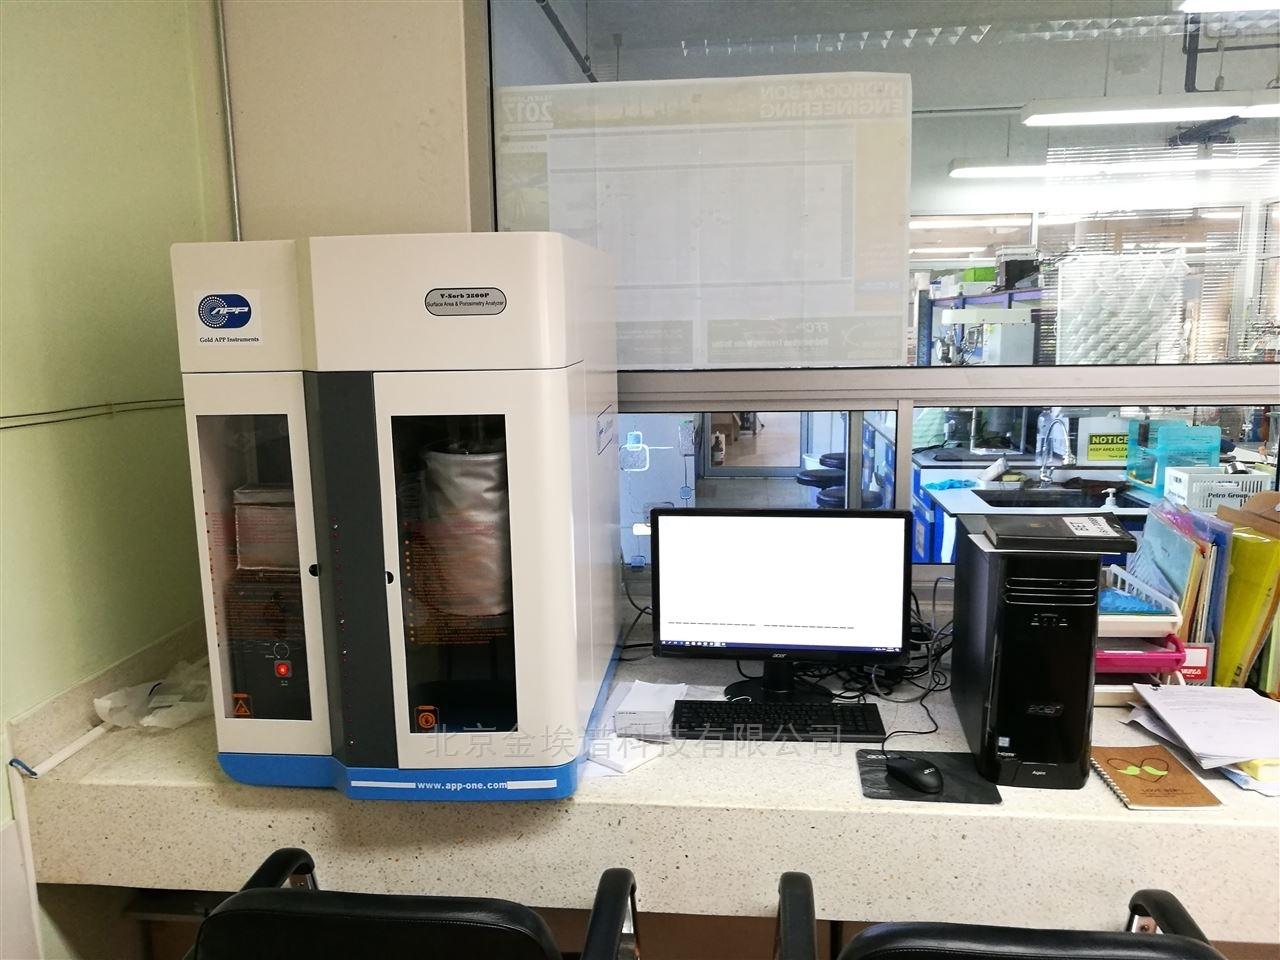 孔容积测试仪 全自动静态容量法